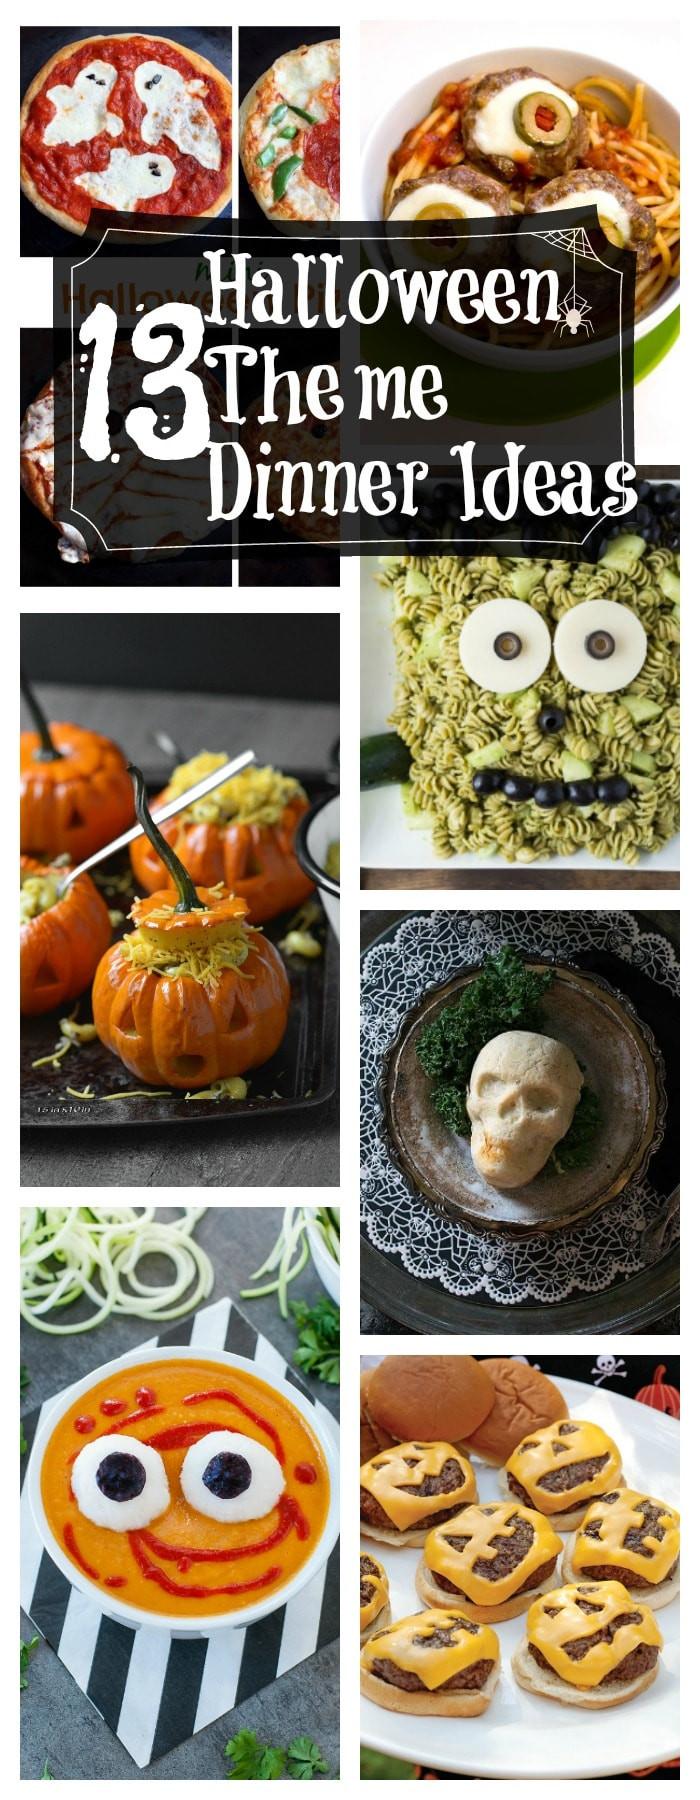 Halloween Themed Dinners  13 Healthy Halloween Themed Dinner Ideas